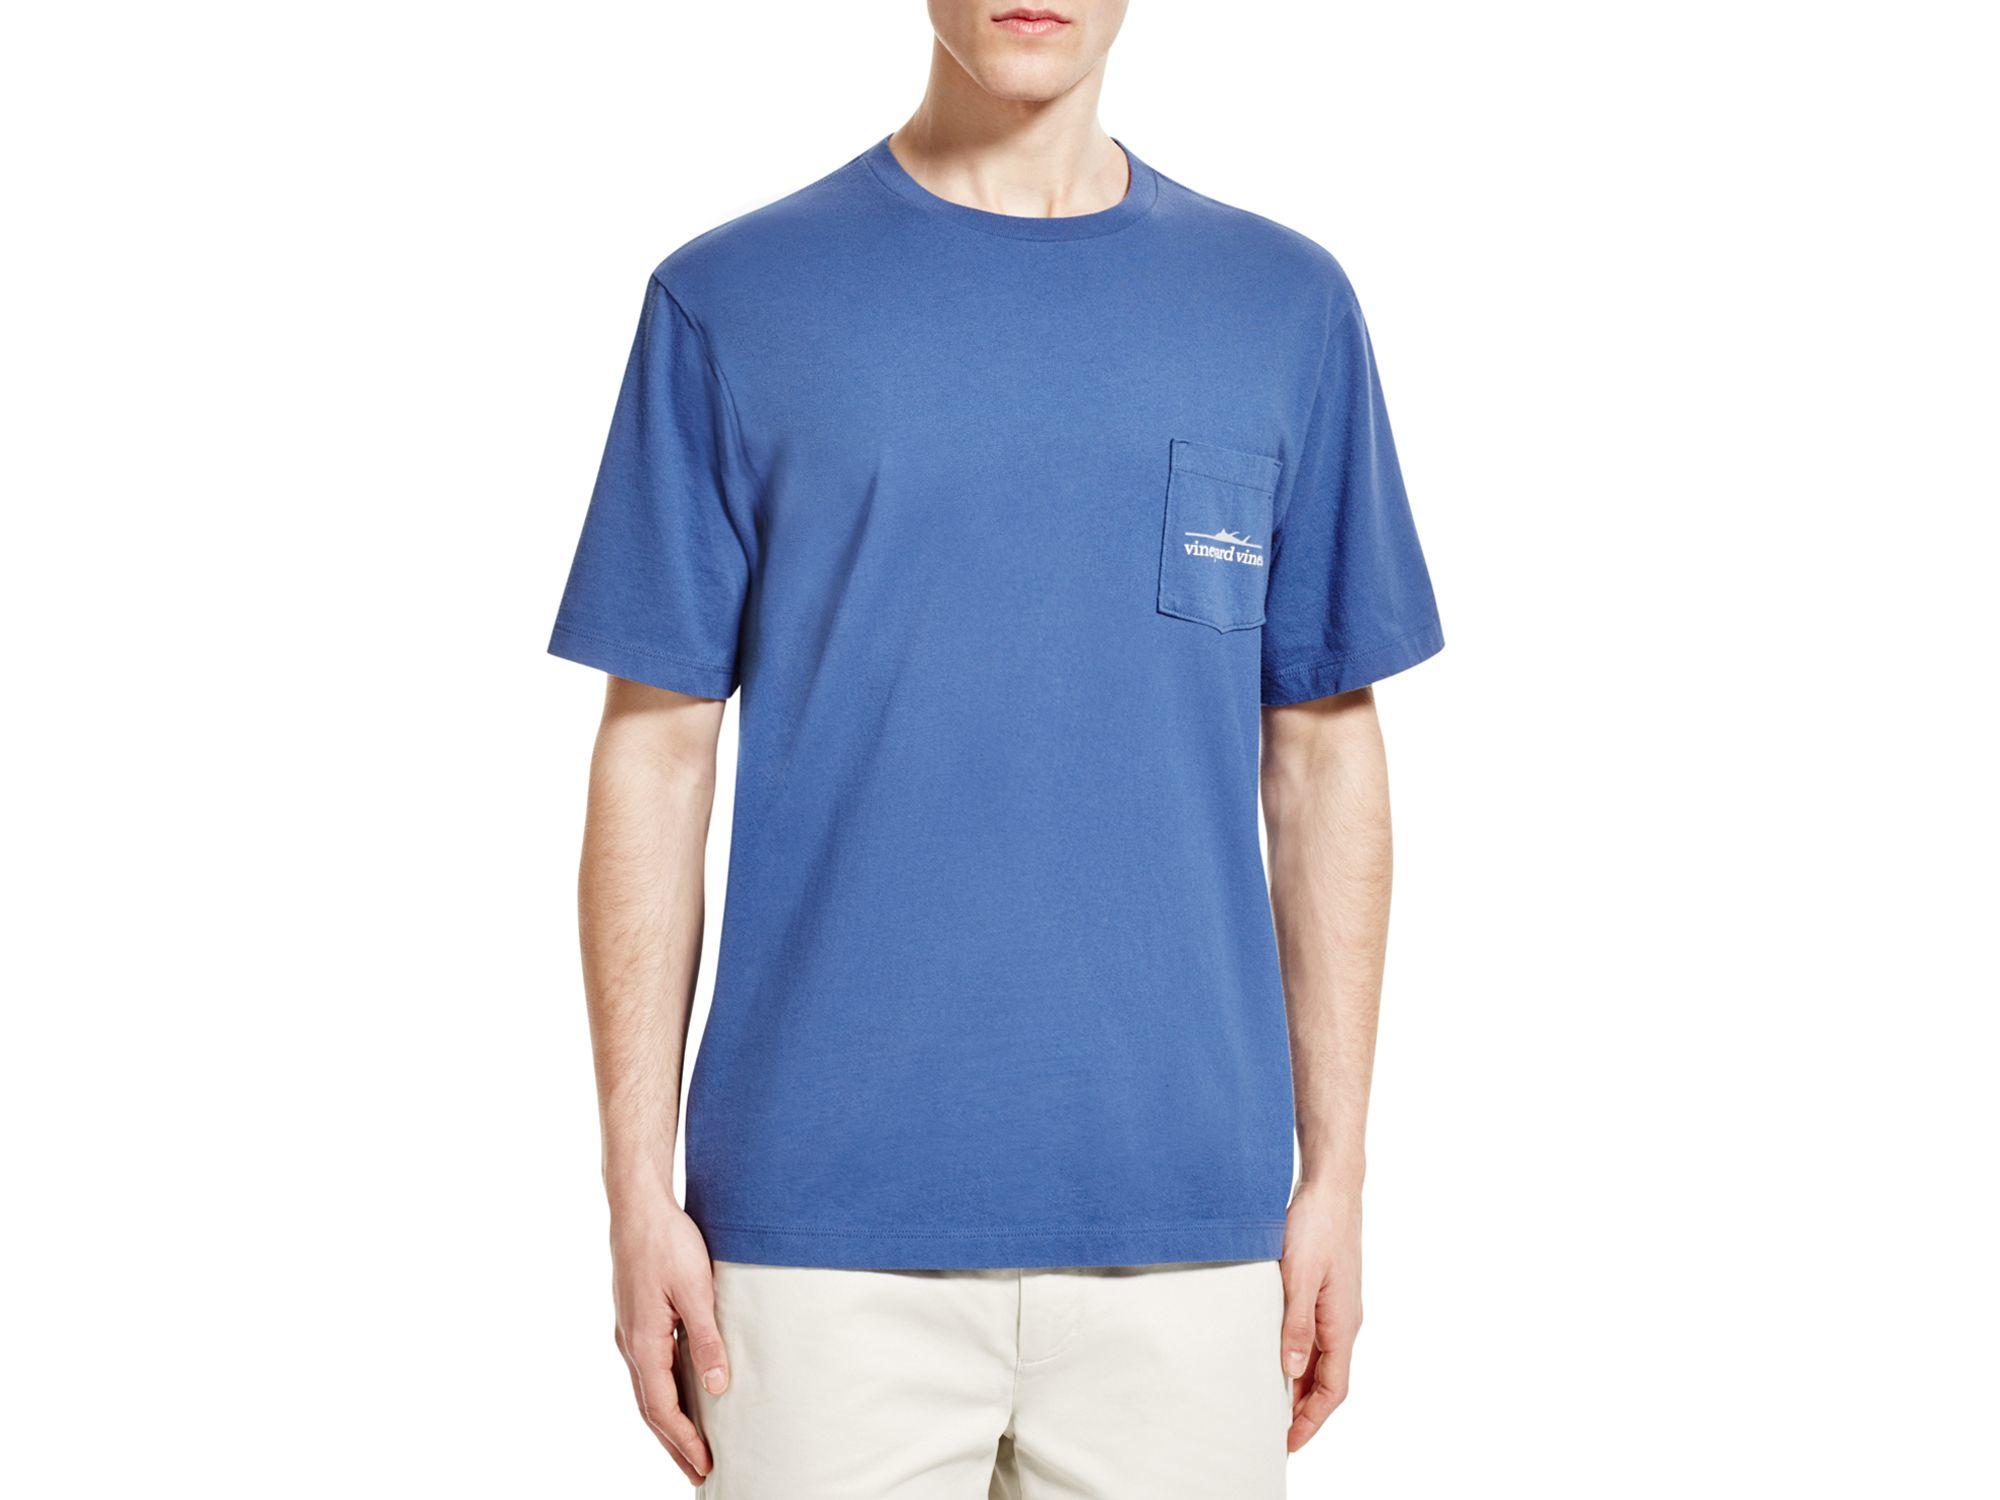 Vineyard vines fishline pocket tee in blue for men lyst for Vineyard vines fishing shirt